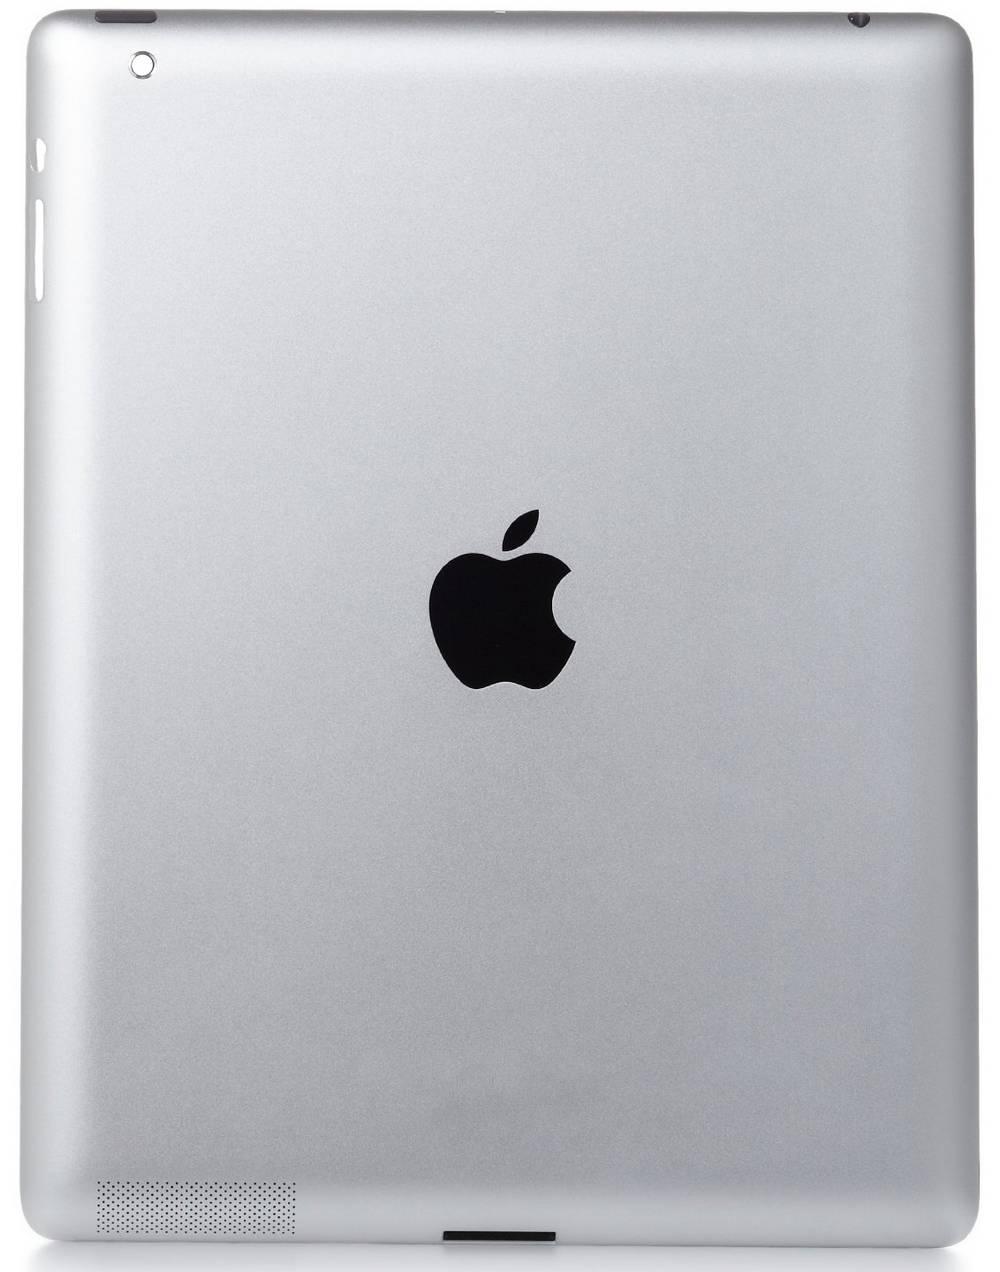 Πίσω Κάλυμμα Apple iPad 2 WiFi Ασημί OEM Type A